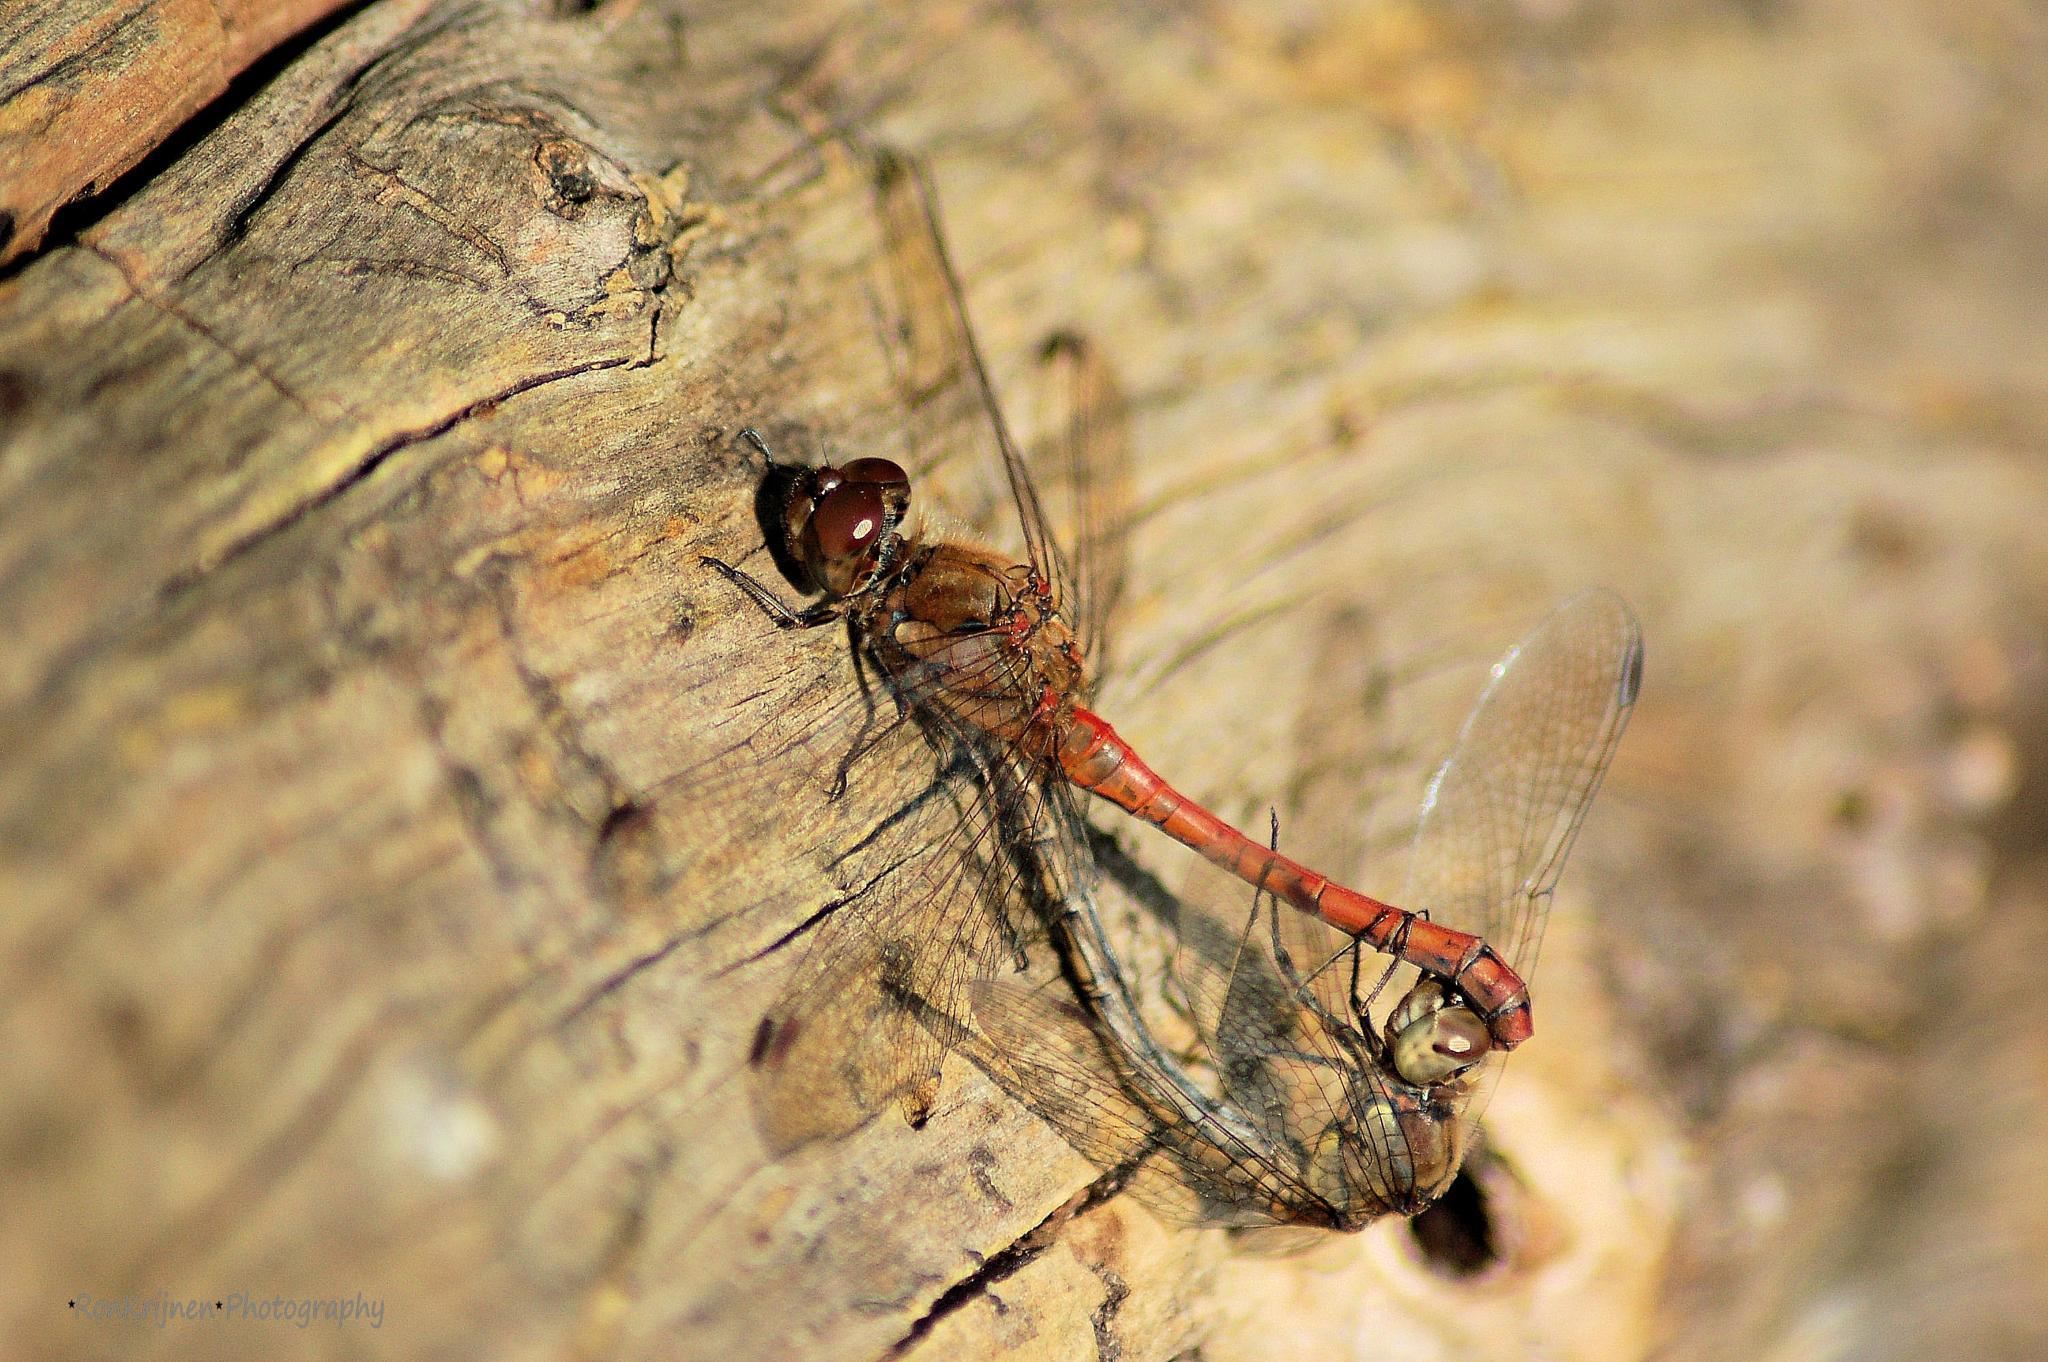 Dragonfly by ron.krijnen